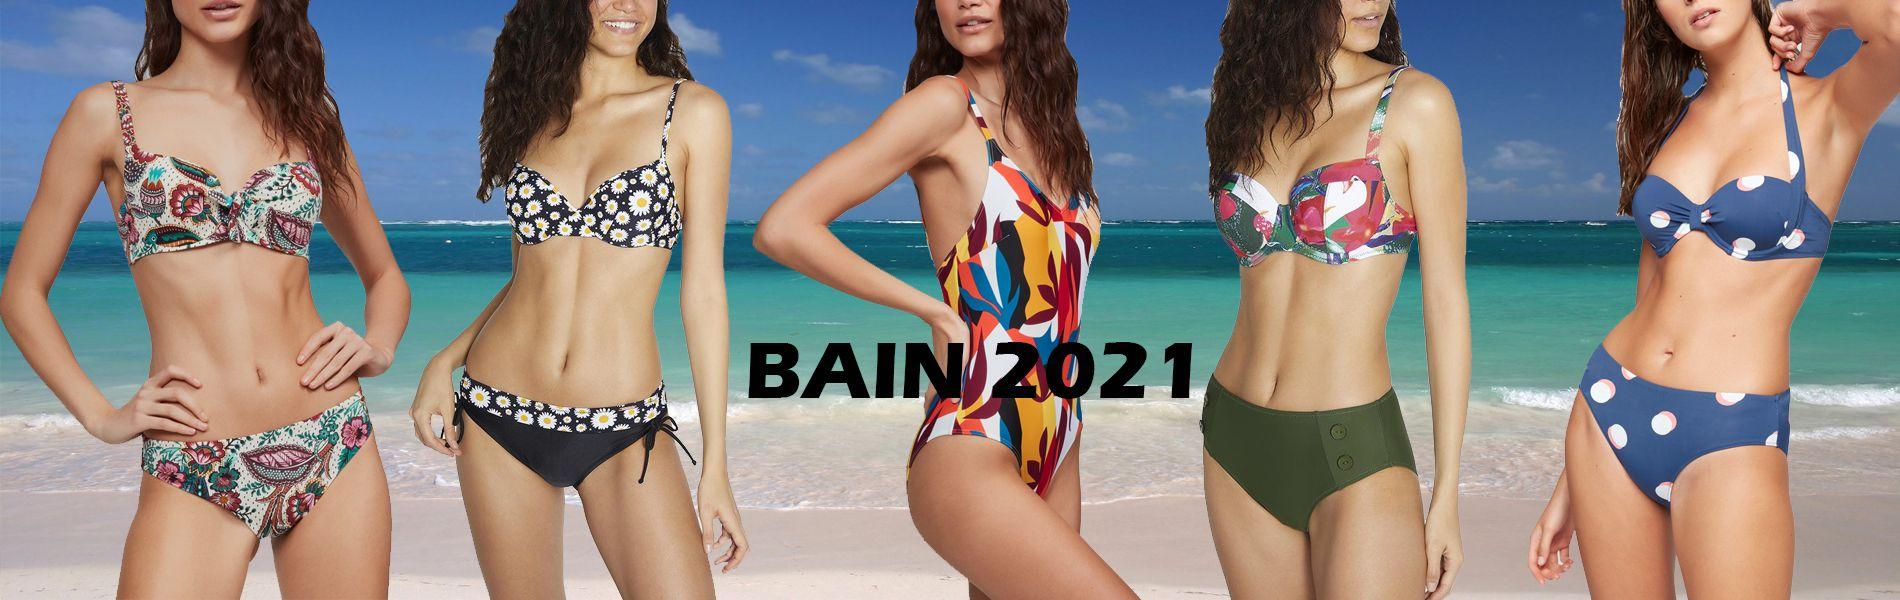 BAIN 2021